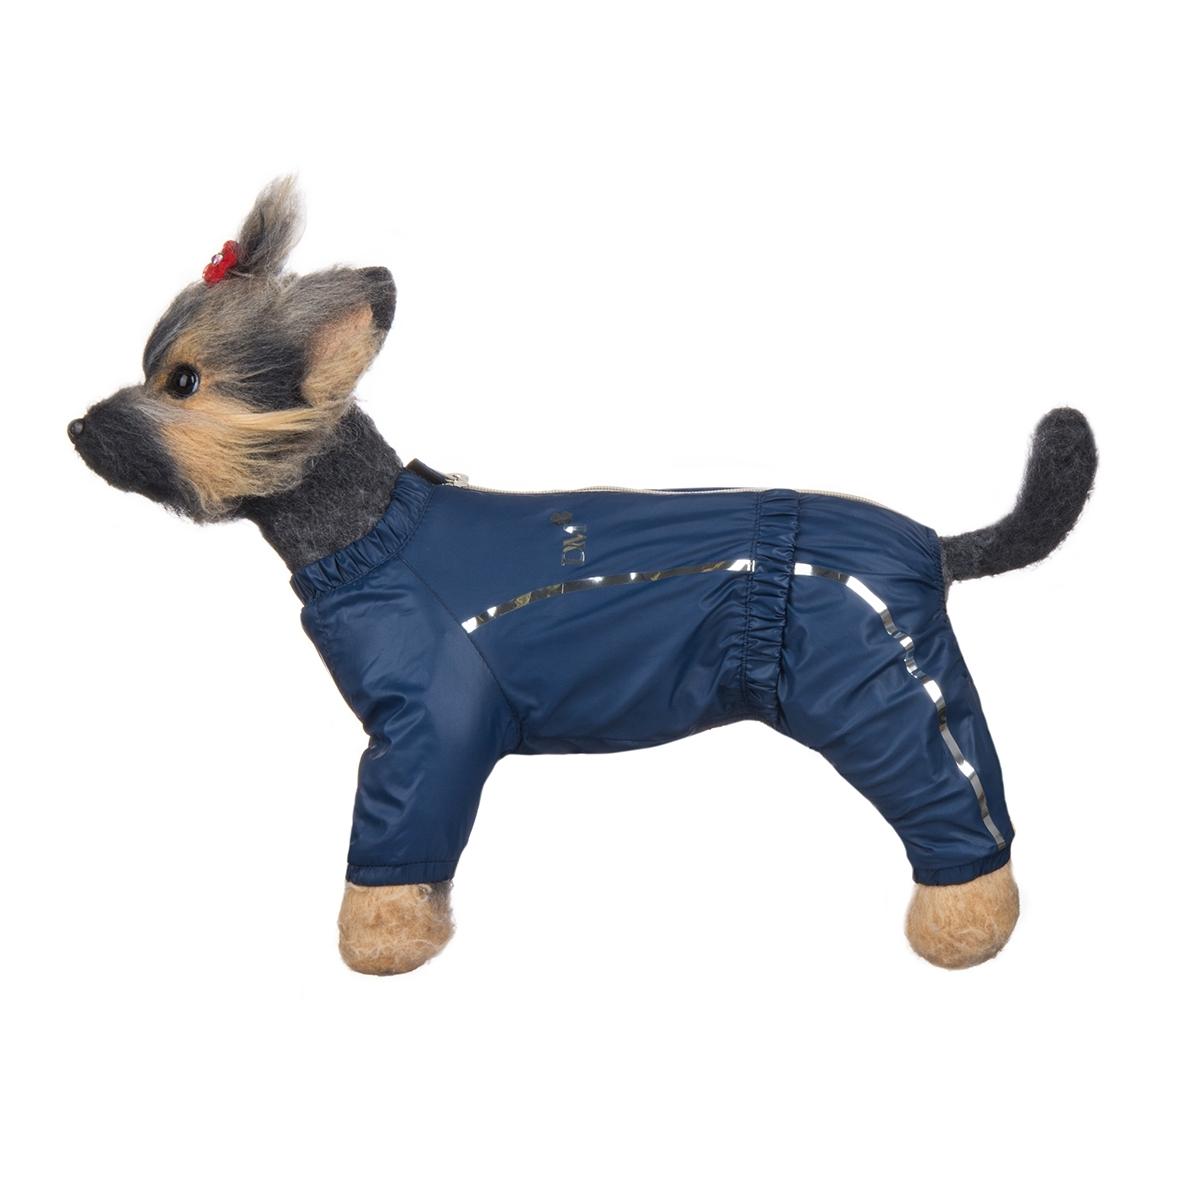 Комбинезон для собак Dogmoda Альпы, для мальчика, цвет: синий. Размер 2 (M). DM-160101